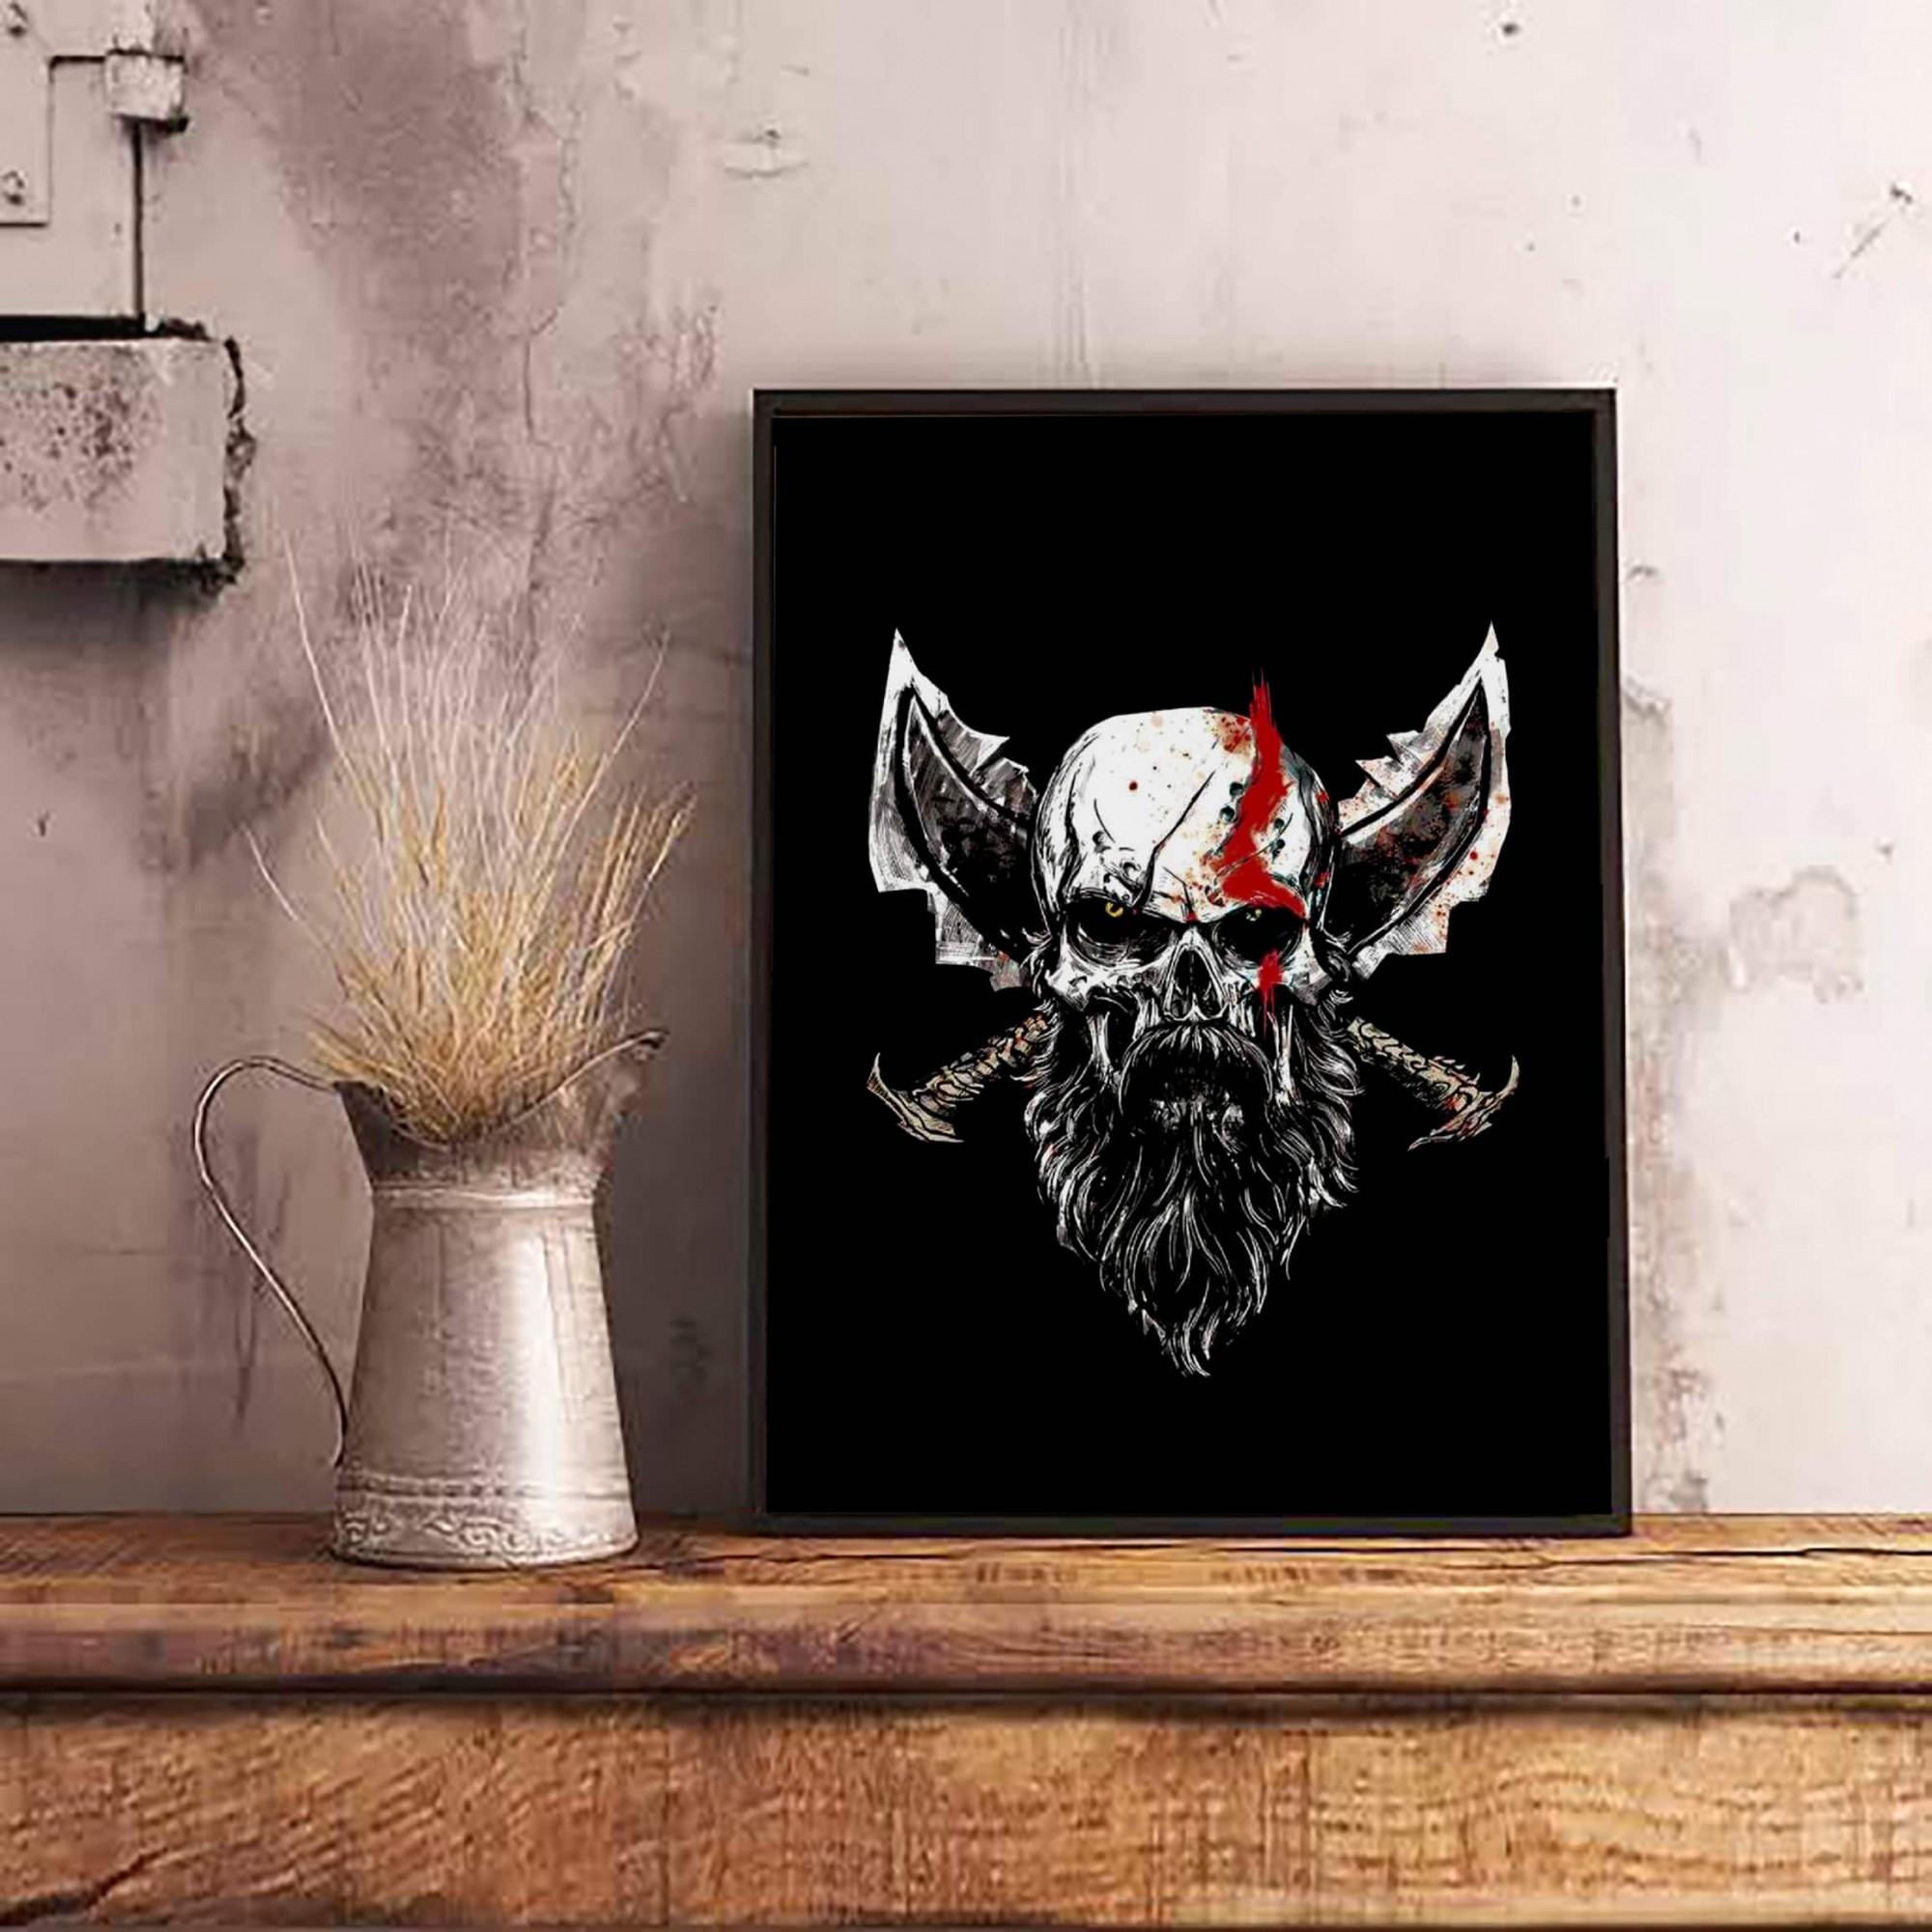 Quadro Com Moldura: Kratos: God of War - 46x33 - EV